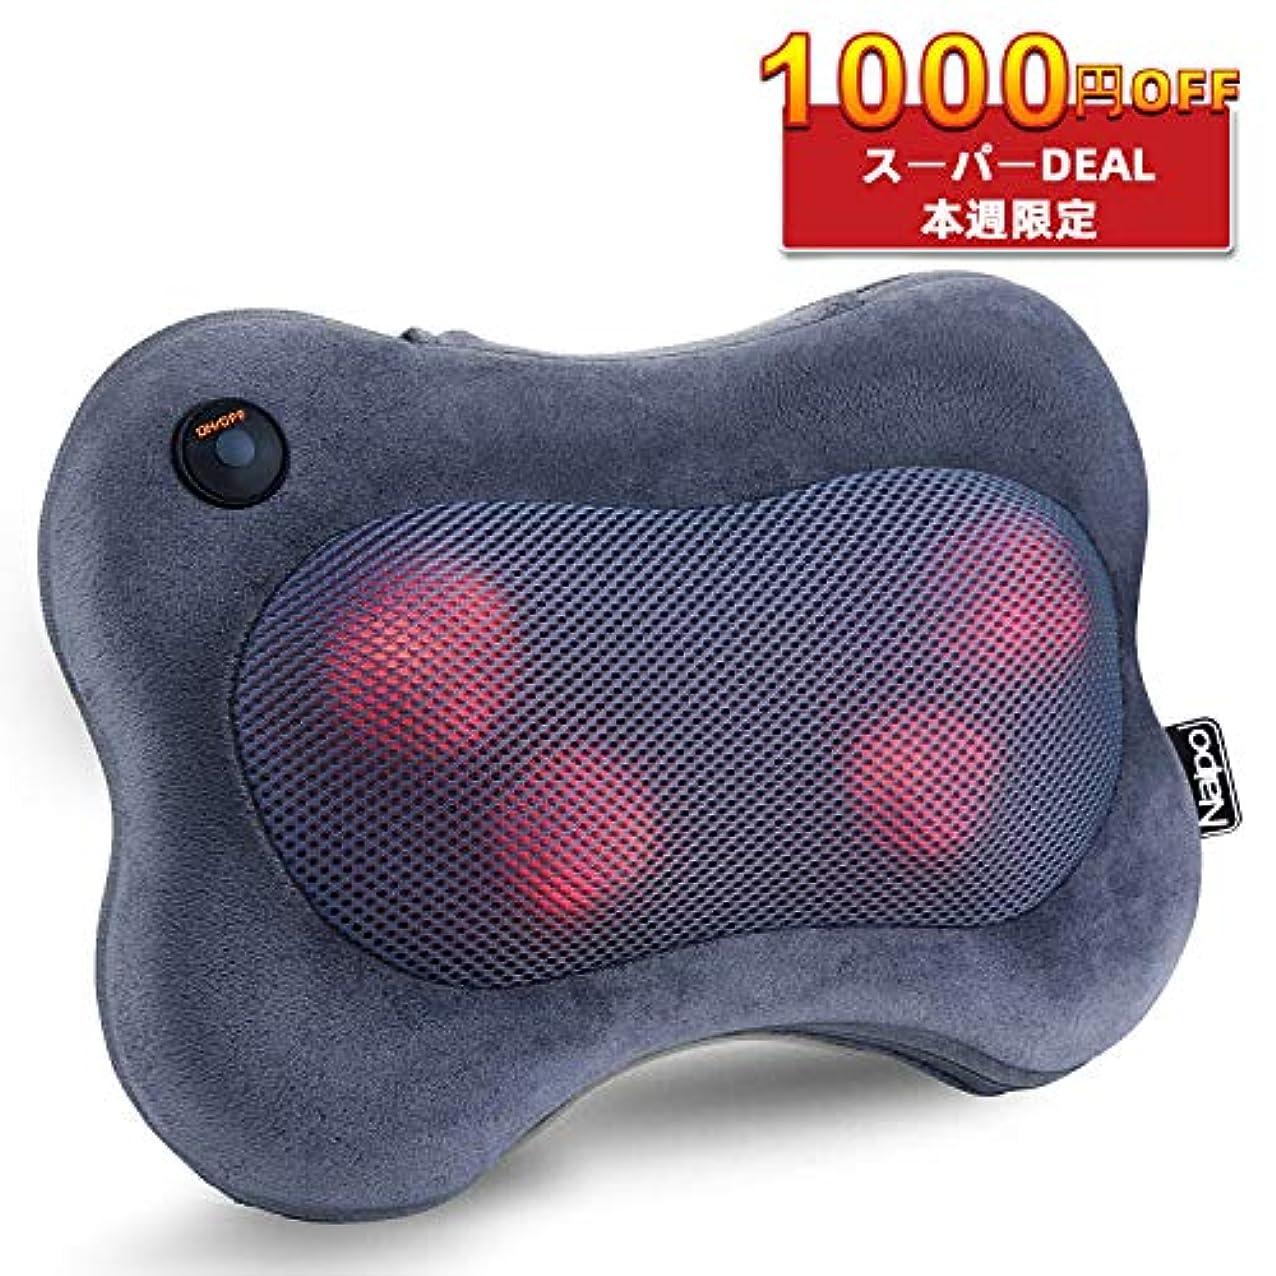 中国農業の過半数Naipo マッサージ機 マッサージ器 首マッサージャー ネック?ショルダーマッサージ 器 ヒーター付き 首?肩?腰?背中?太もも 肩こり ストレス解消 家庭用&職場用&車用 温熱療法